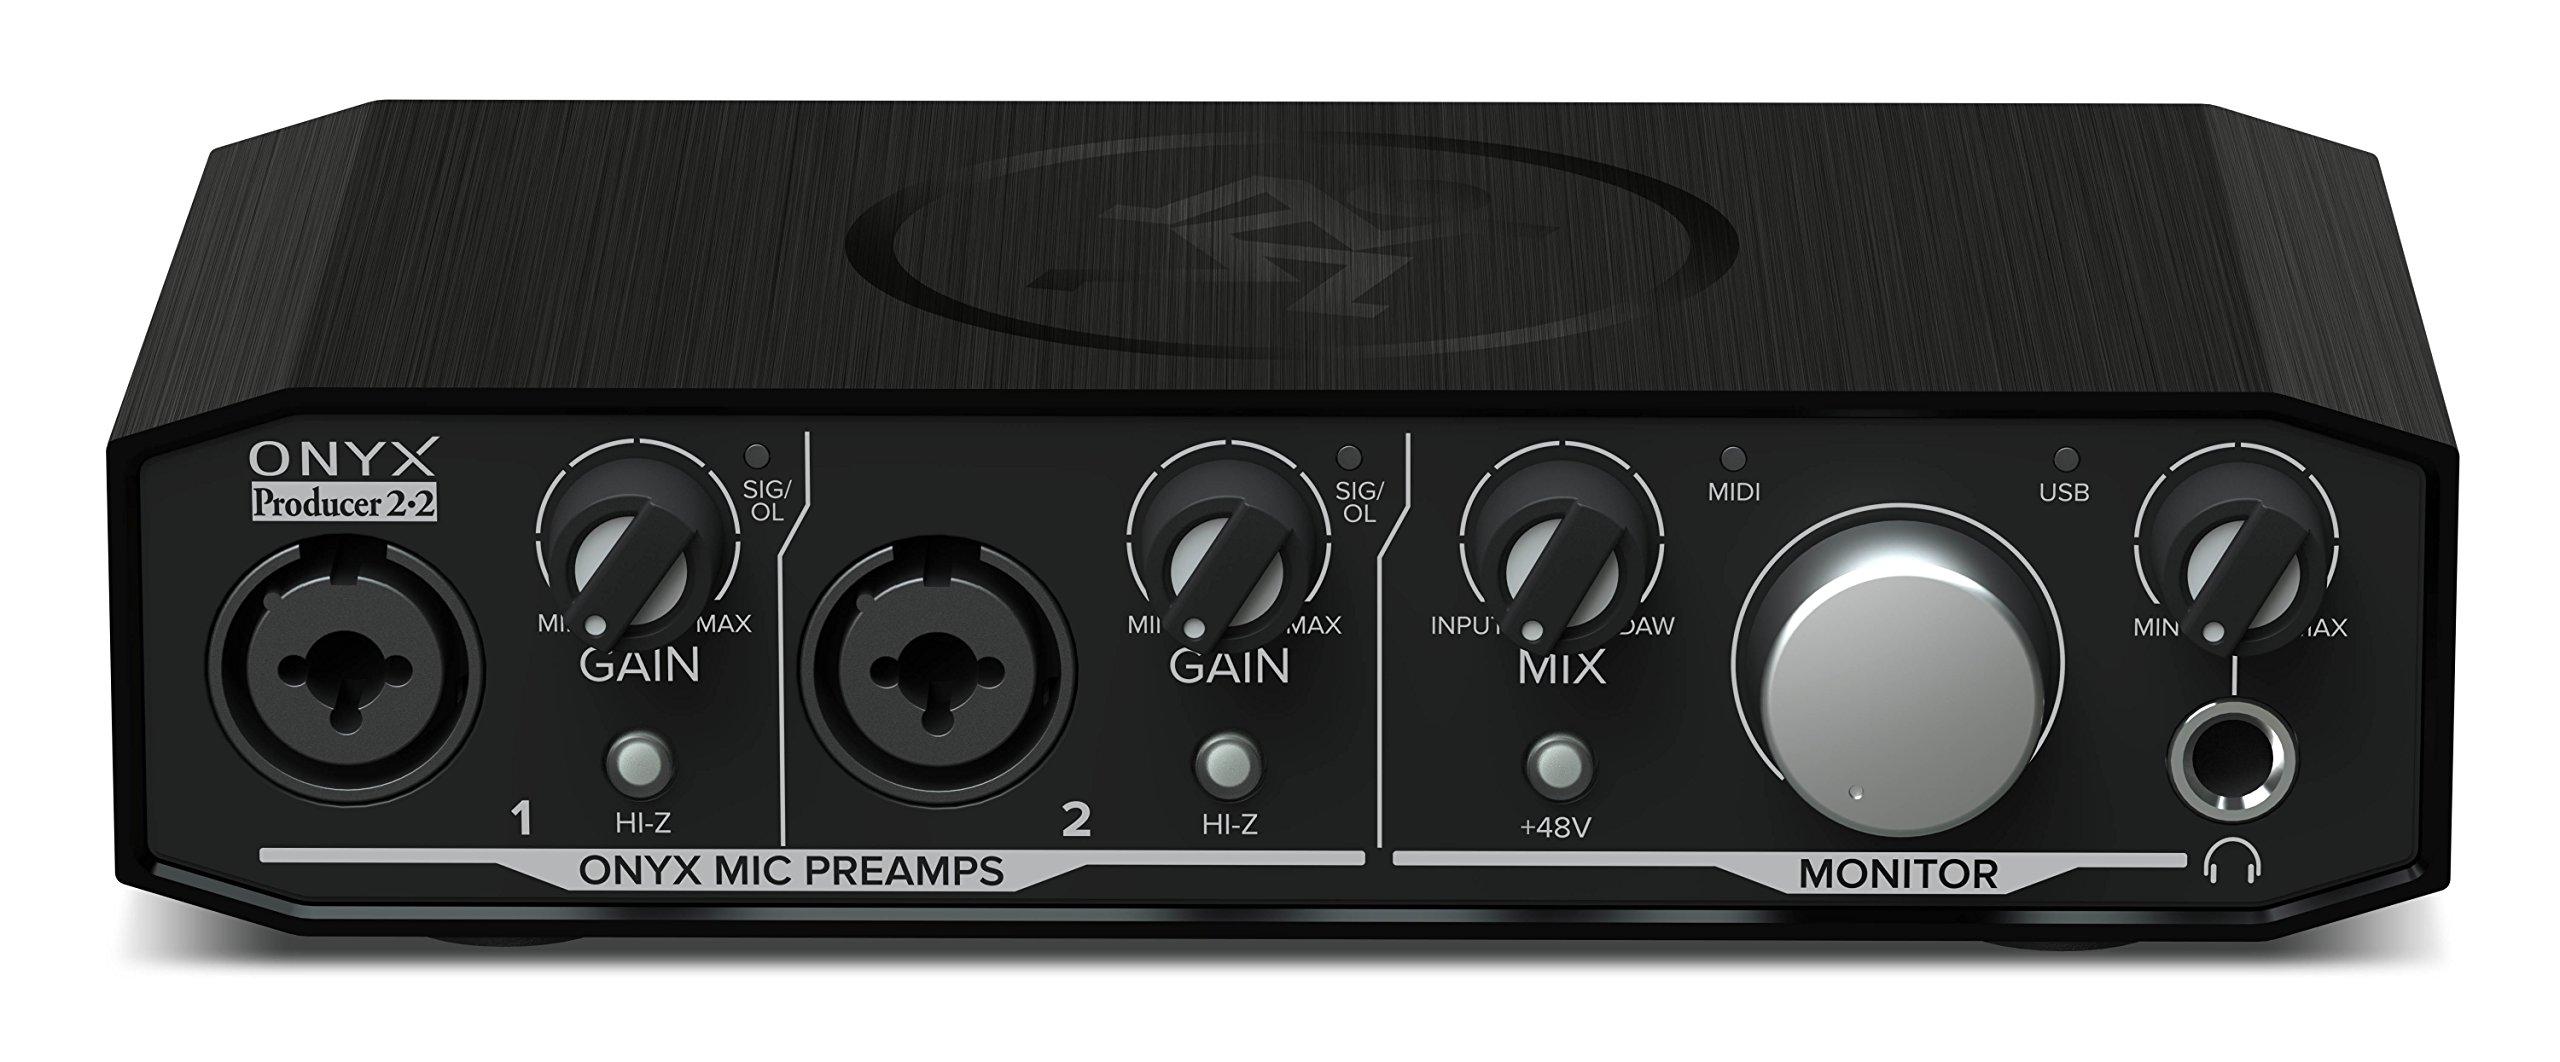 Mackie Onyx Producer 2-2 2x2 USB Audio Interface With MIDI